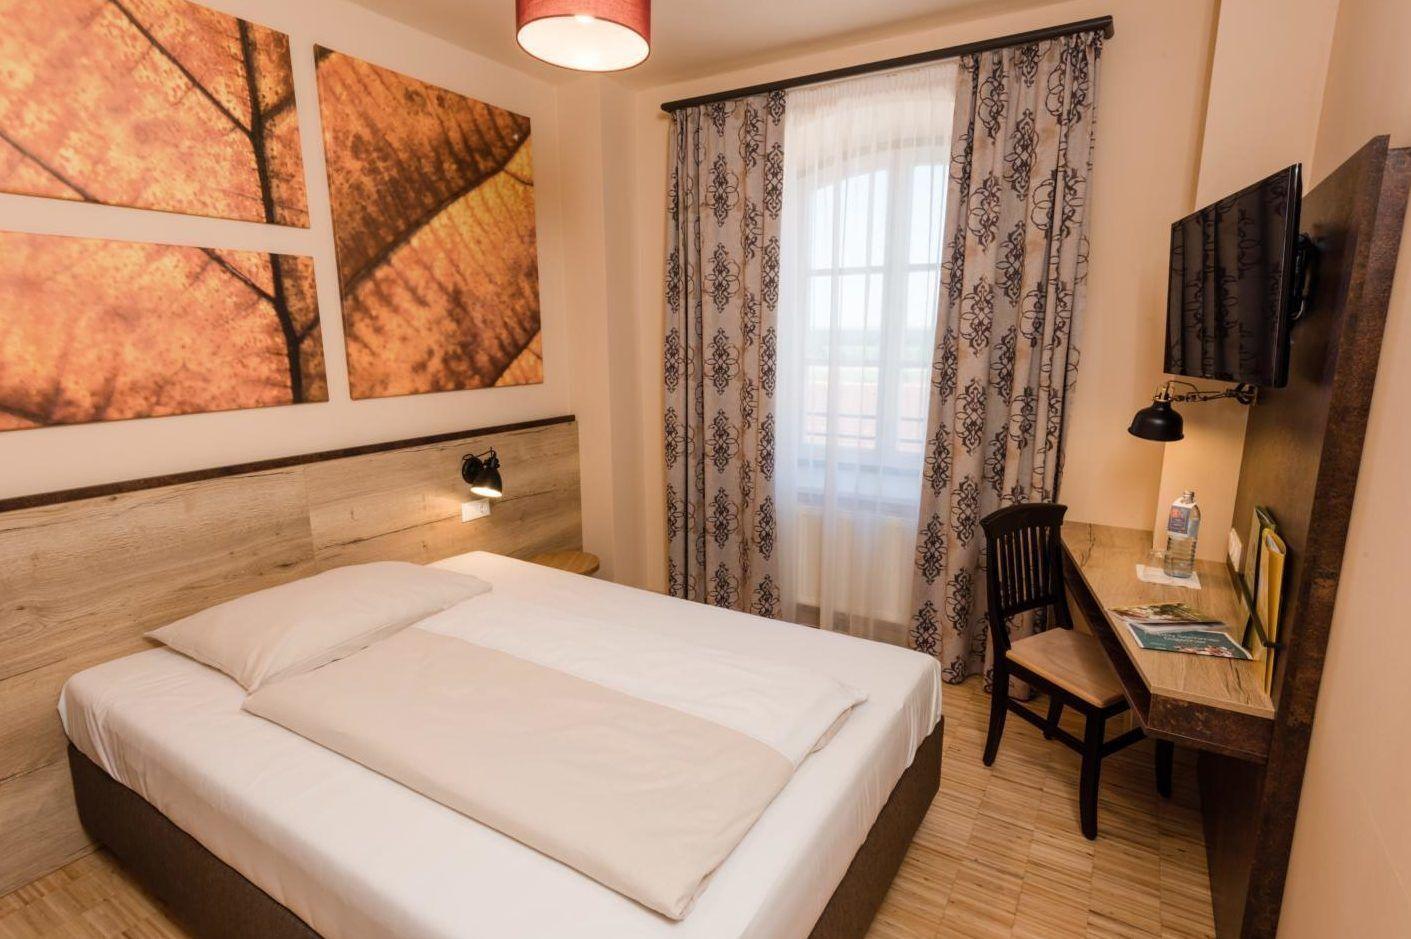 hervorragende Ausstattung der Zimmer in der Oststeiermark